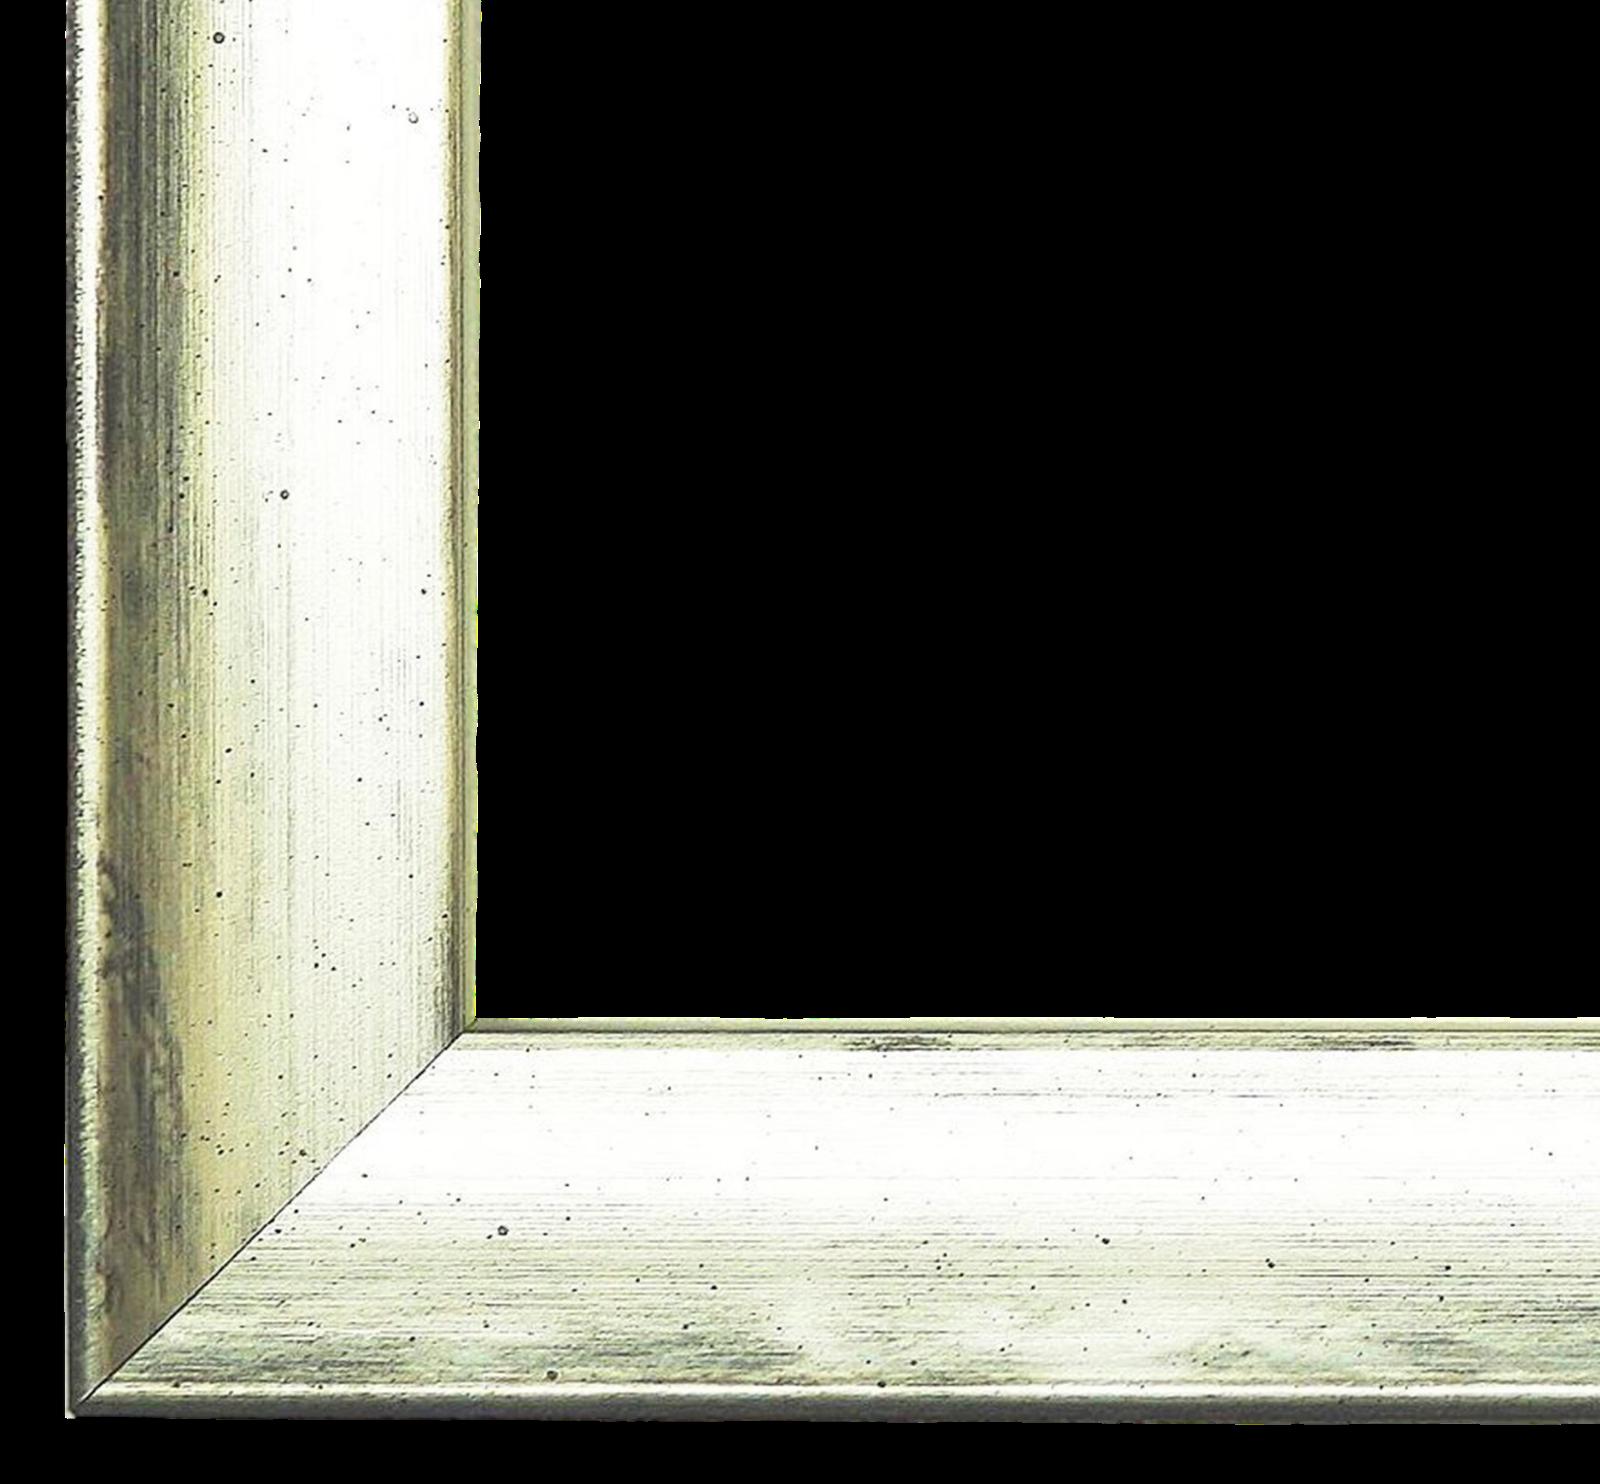 Bilderrahmen Rahmen Holz Retro Donauwörth Silber, Untergrund Schwarz 2,0 - NEU